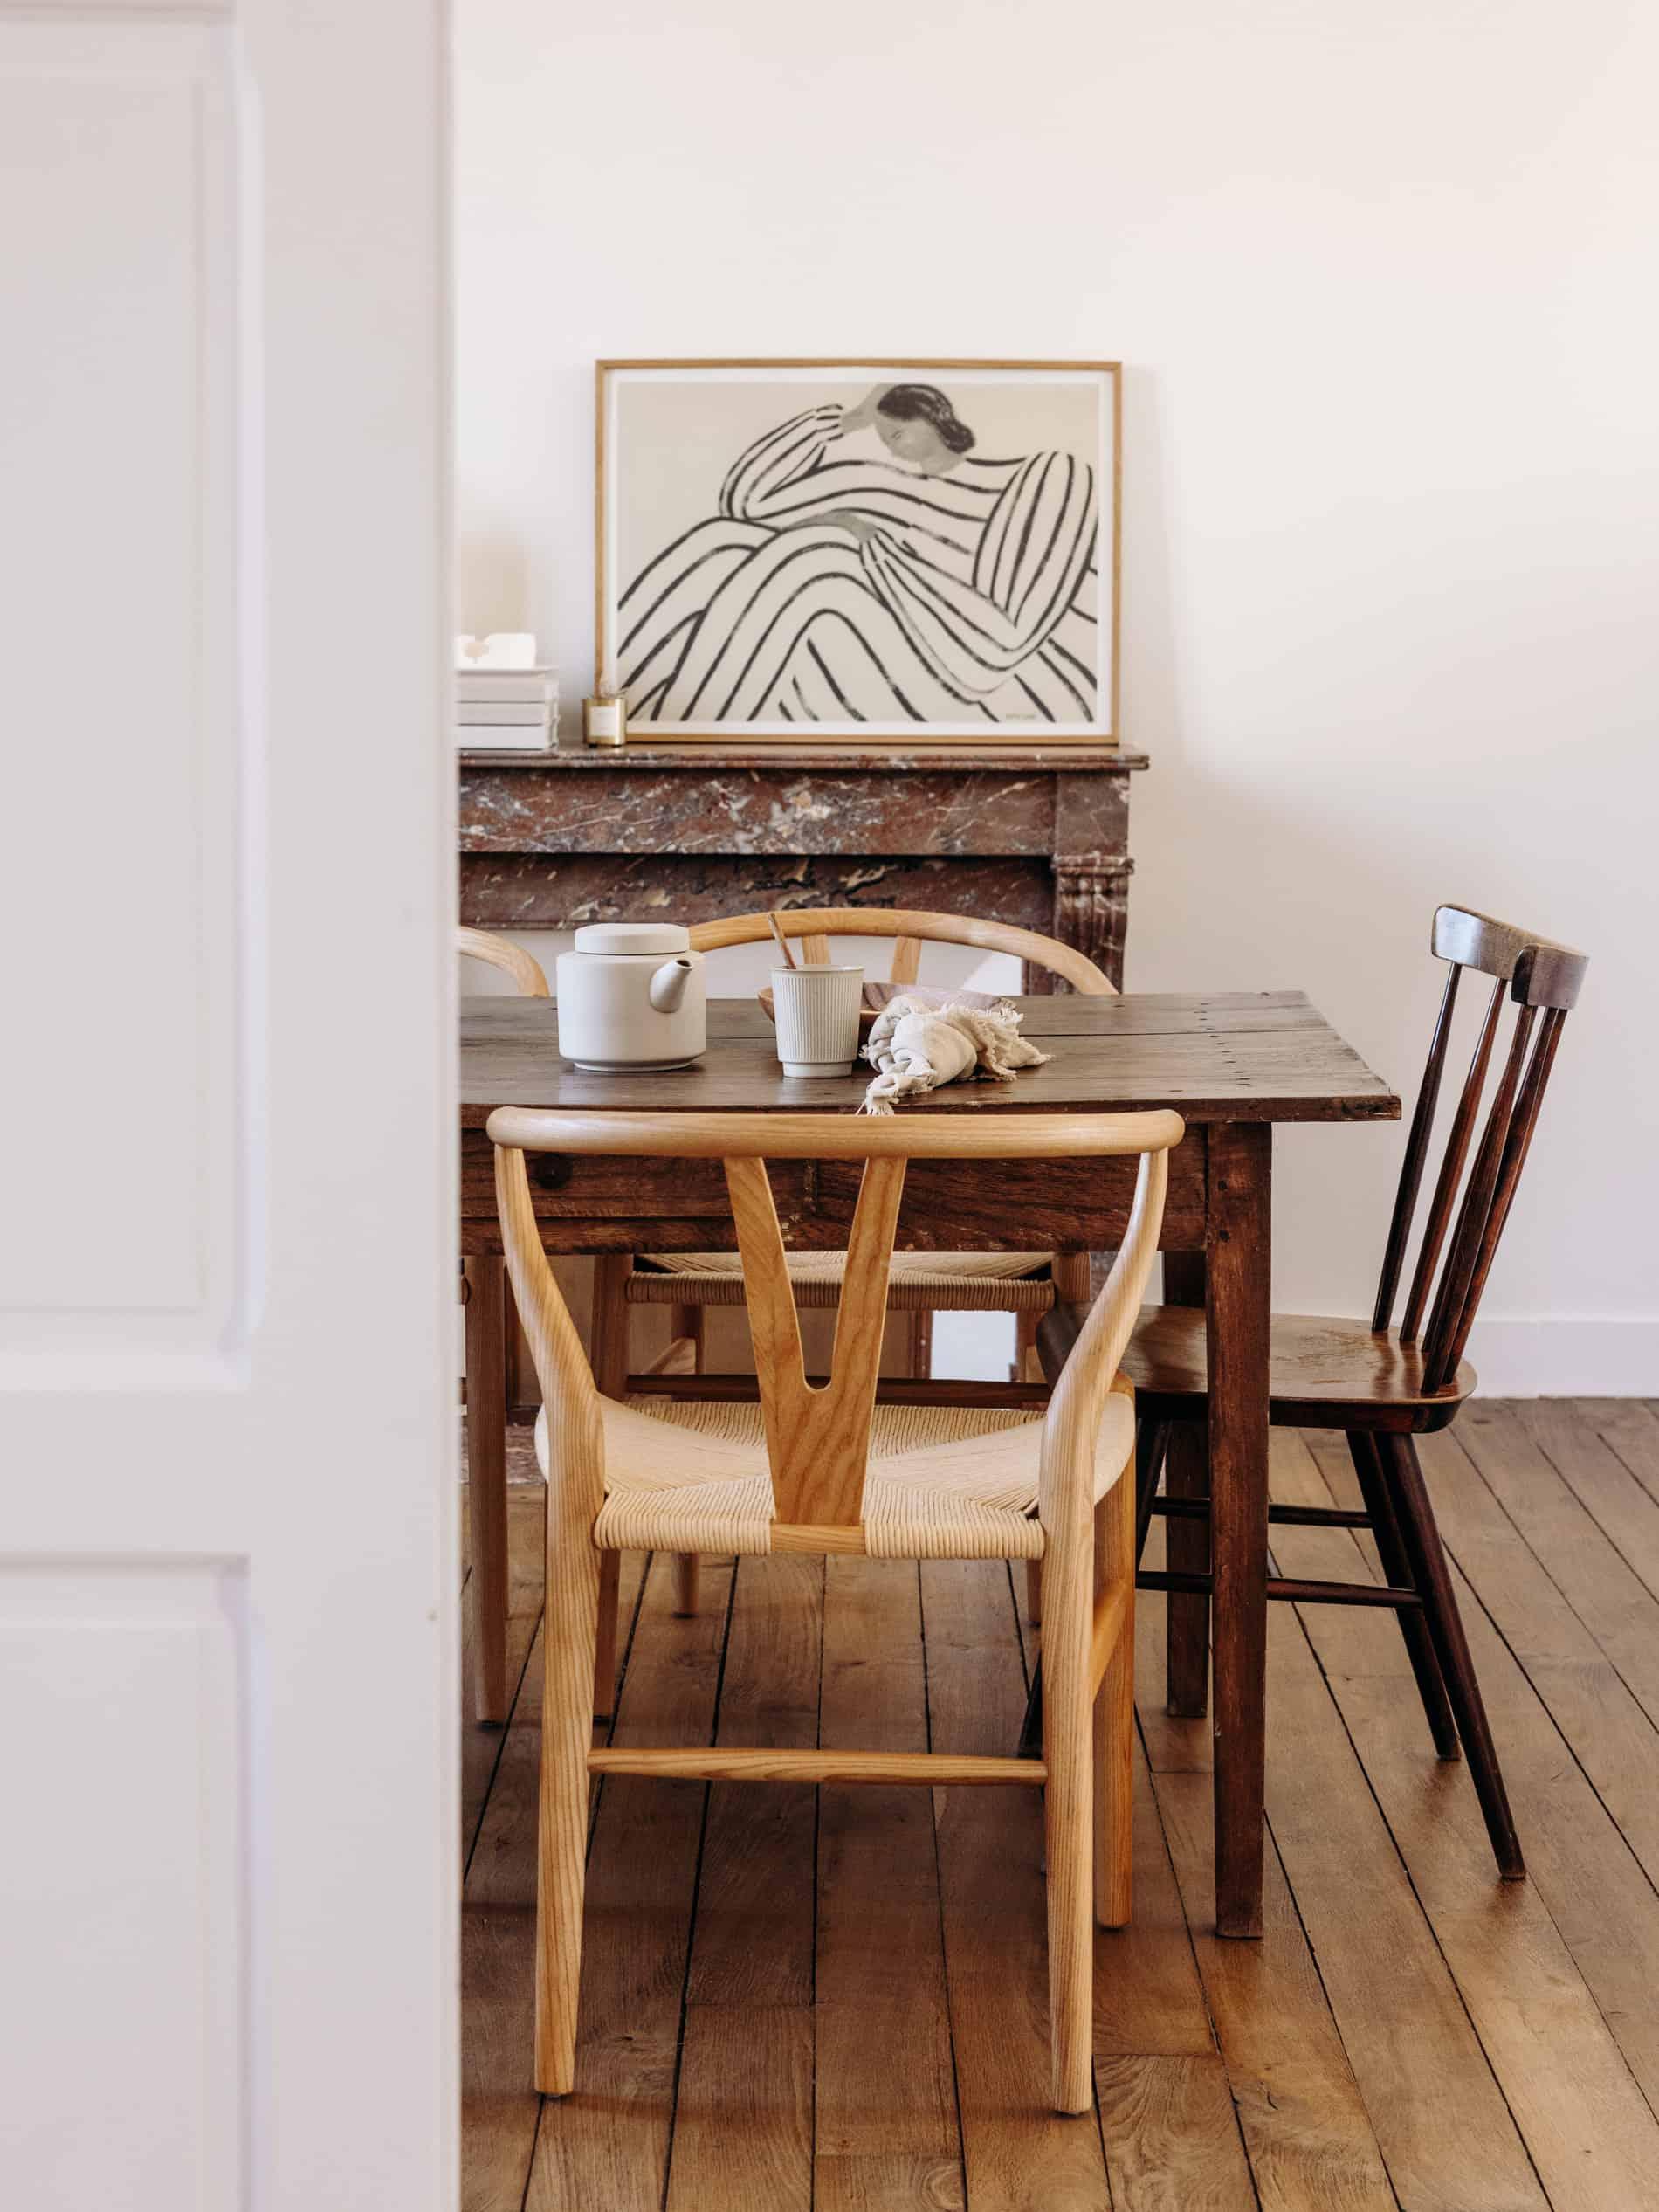 table vintage salle à manger Sélection M visite déco